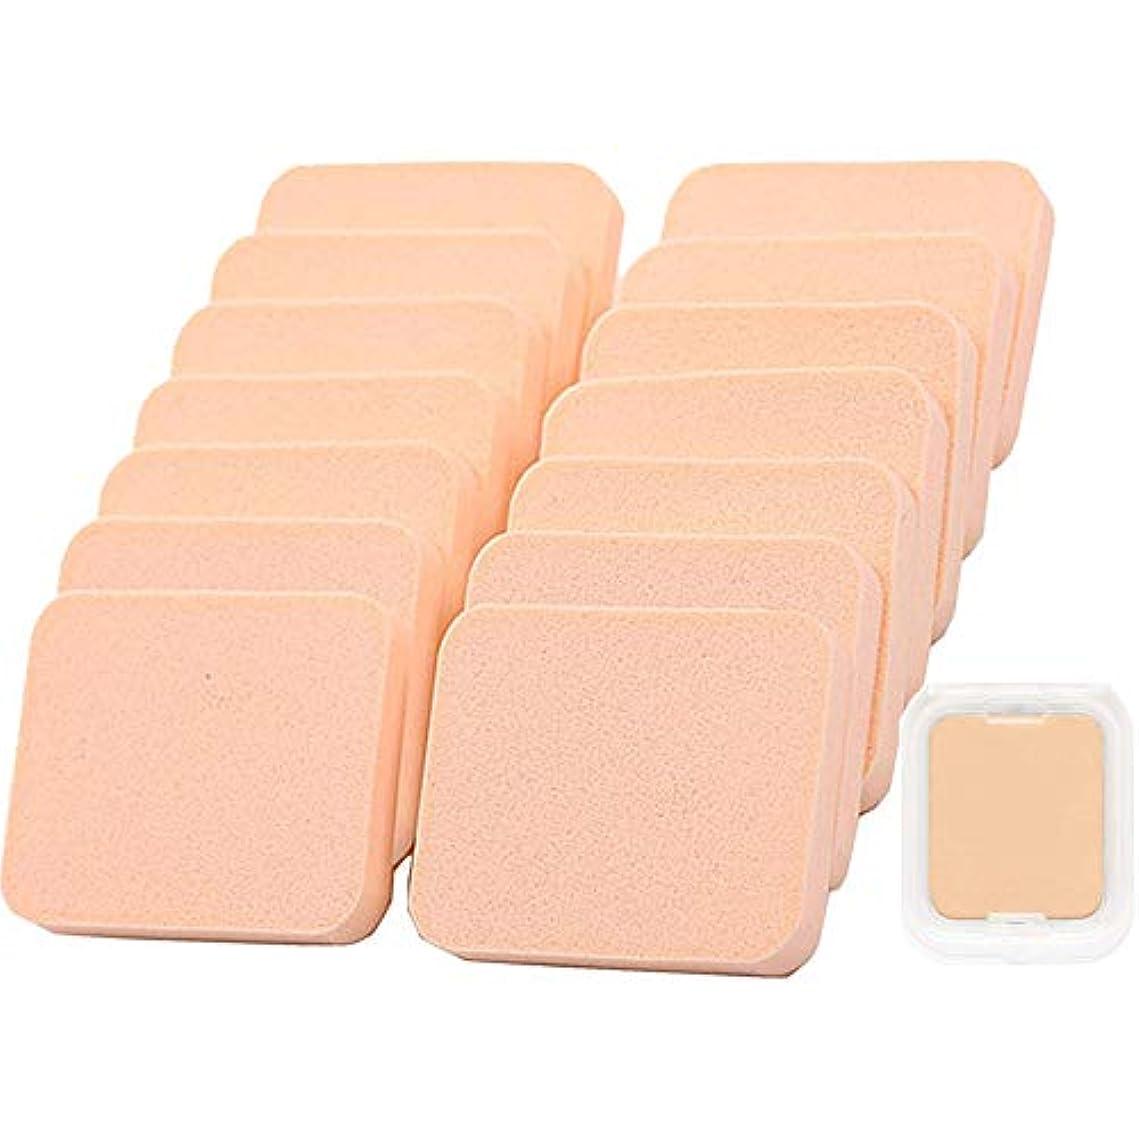 着実に信じる分岐するエアパフ Butokal エアクッションパフ クリーム アプリケーター 乾湿兼用 スポンジパフセット フェイシャル 15個入 化粧道具